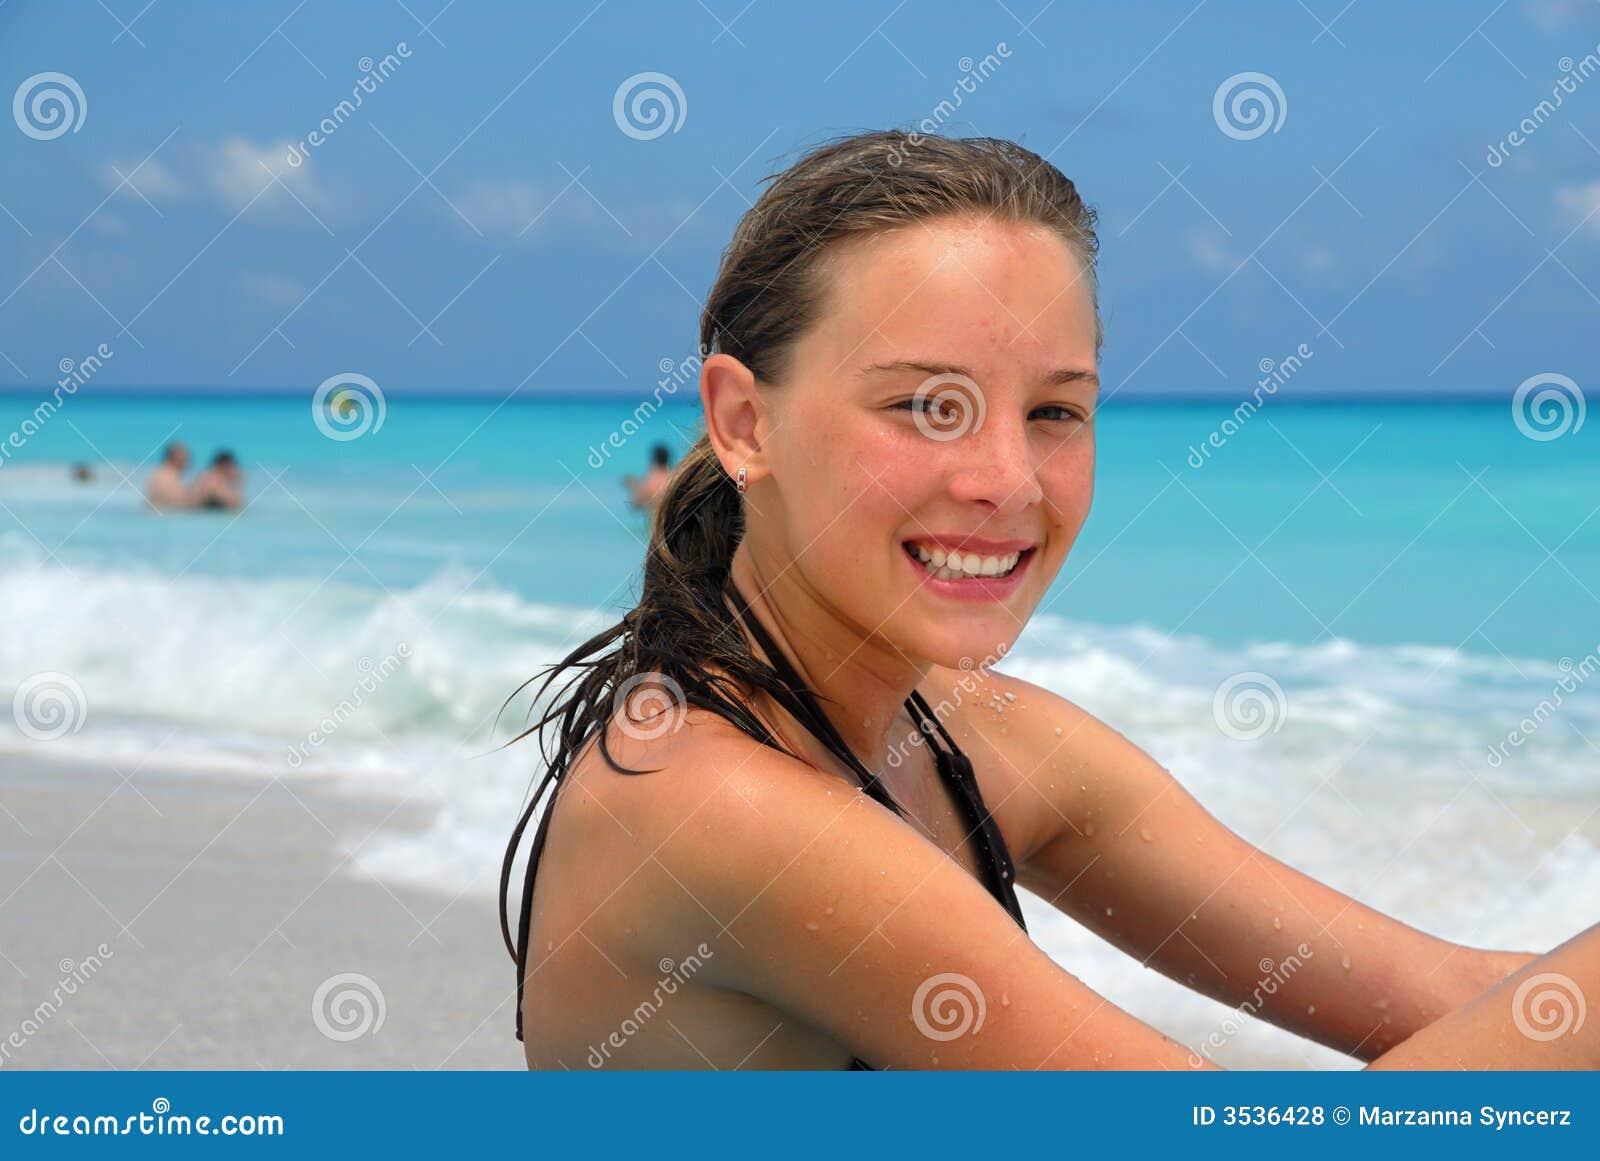 Fille heureuse à la plage